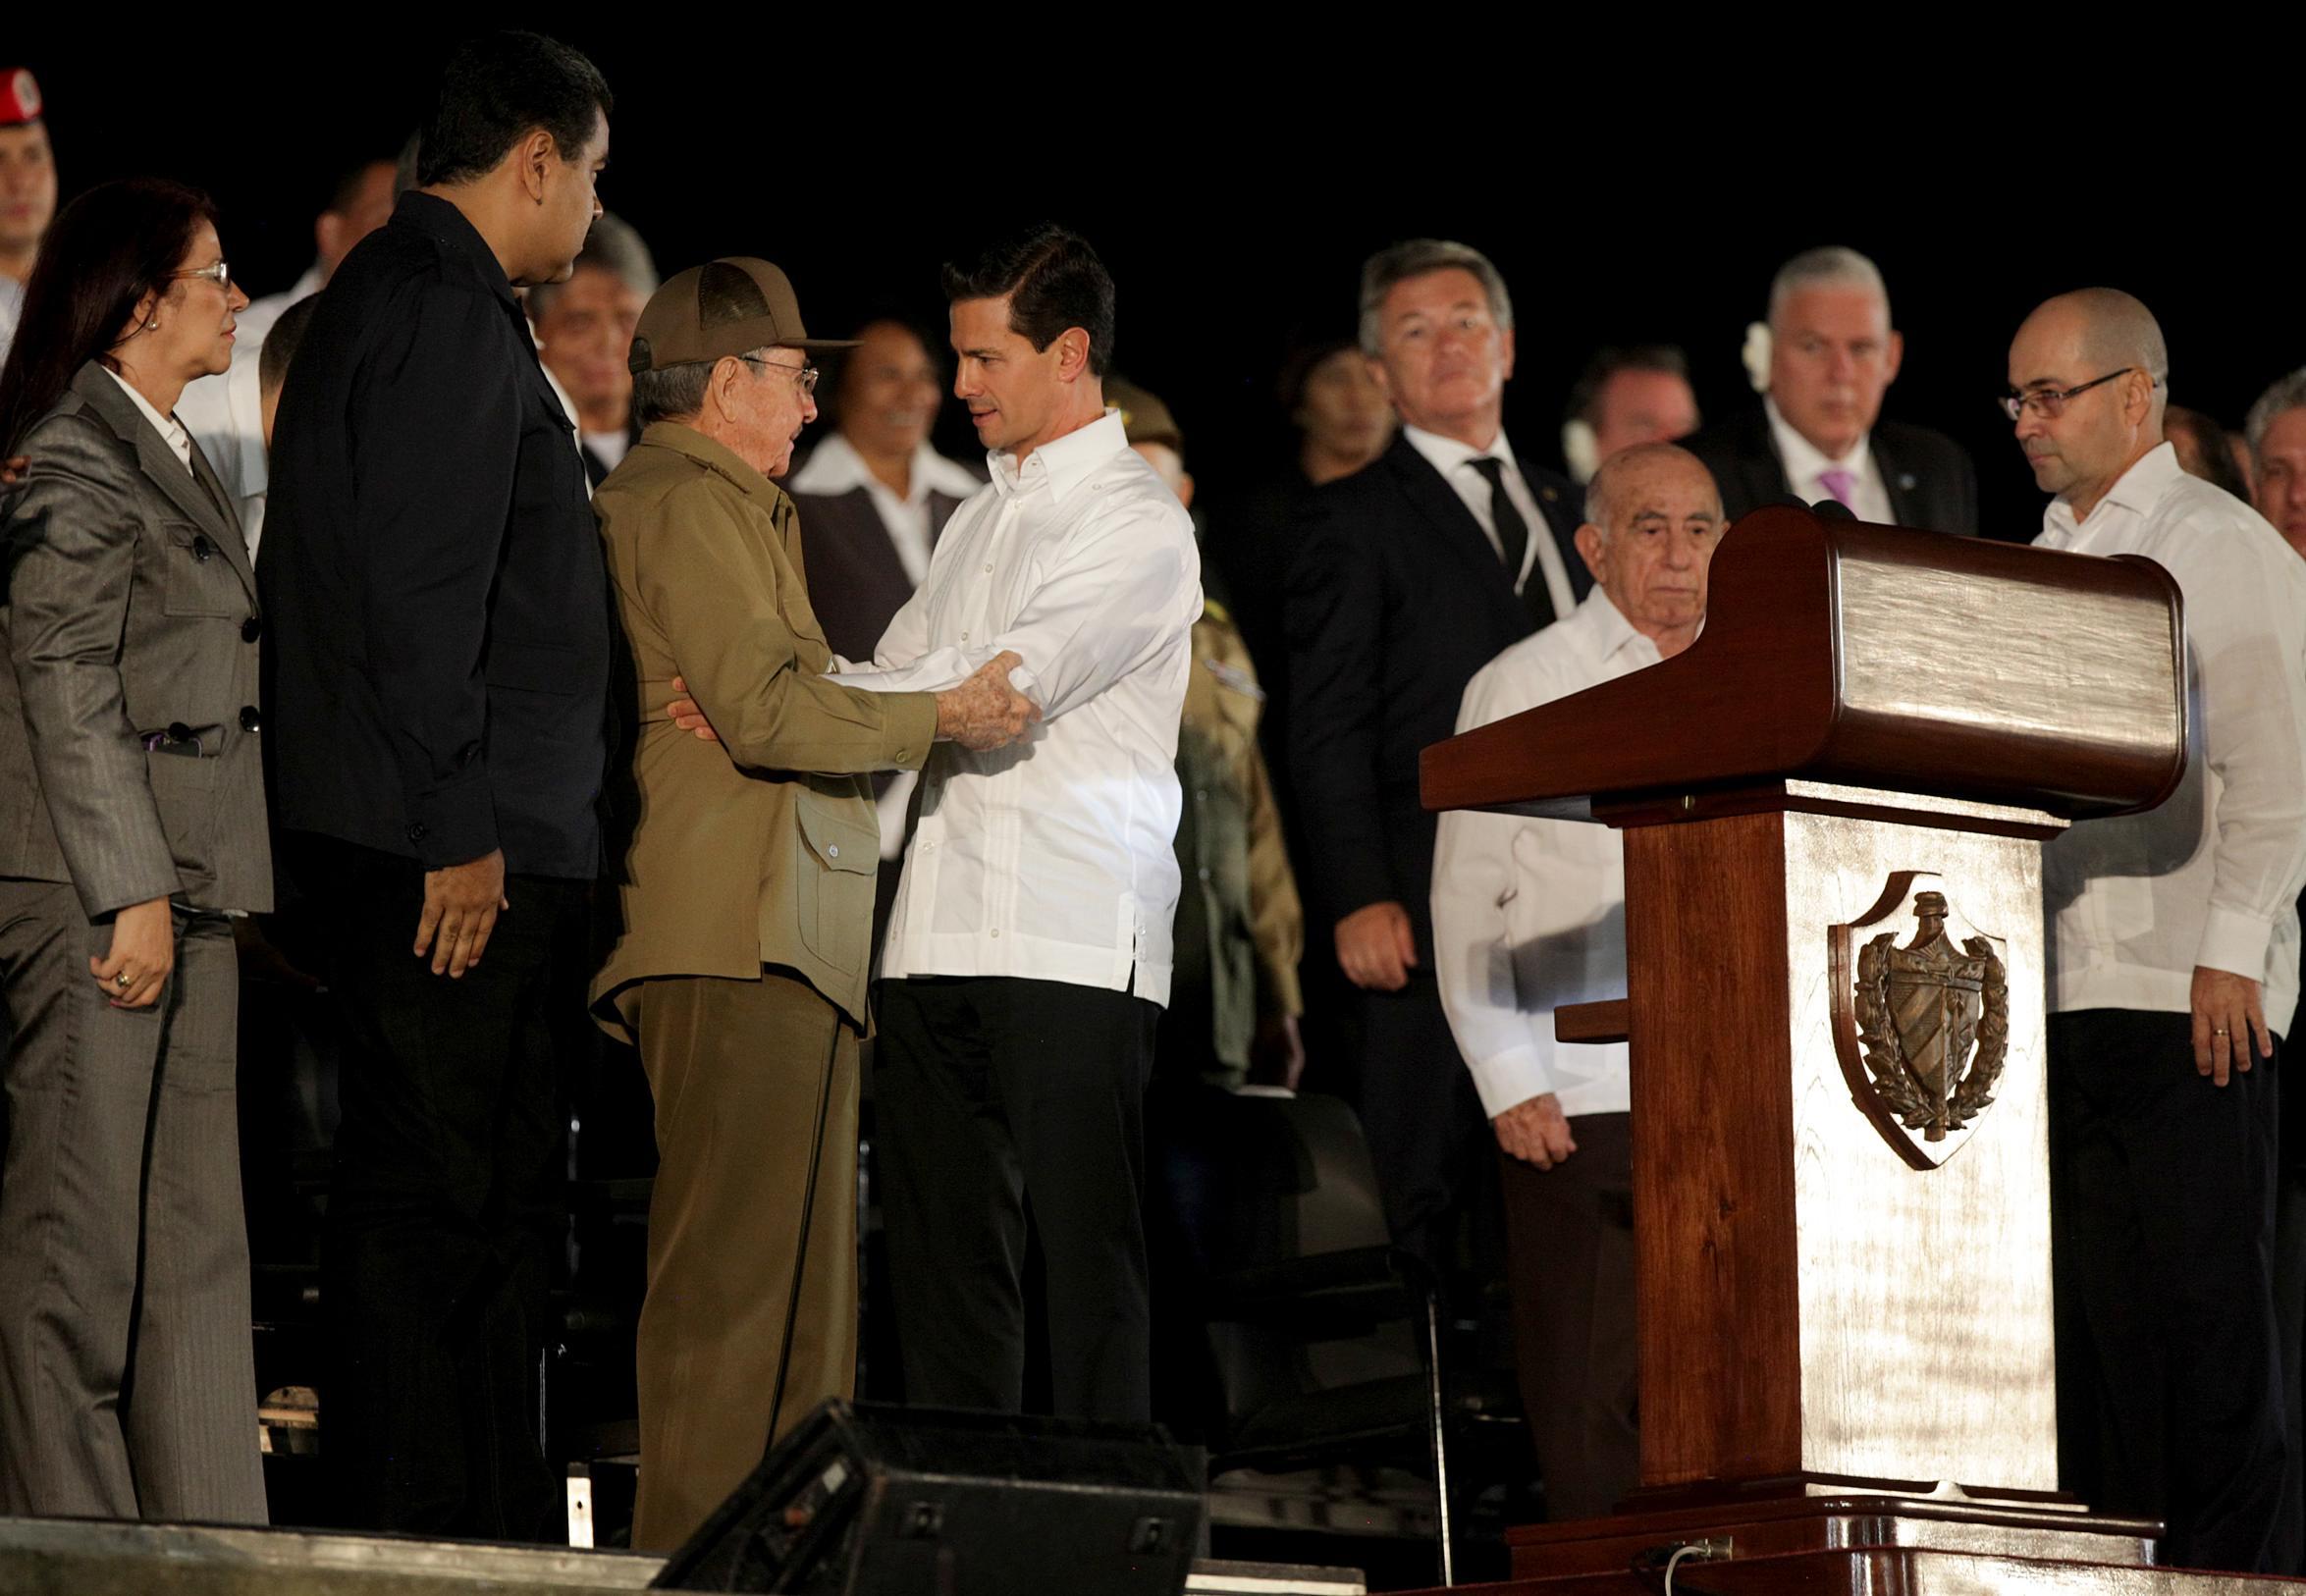 Tras expresar sus más sentidas condolencias al Presidente Raúl Castro, el Mandatario mexicano recordó que en 2014, durante la Cumbre de la CELAC en Cuba, tuvo oportunidad de conocer a Fidel Castro.